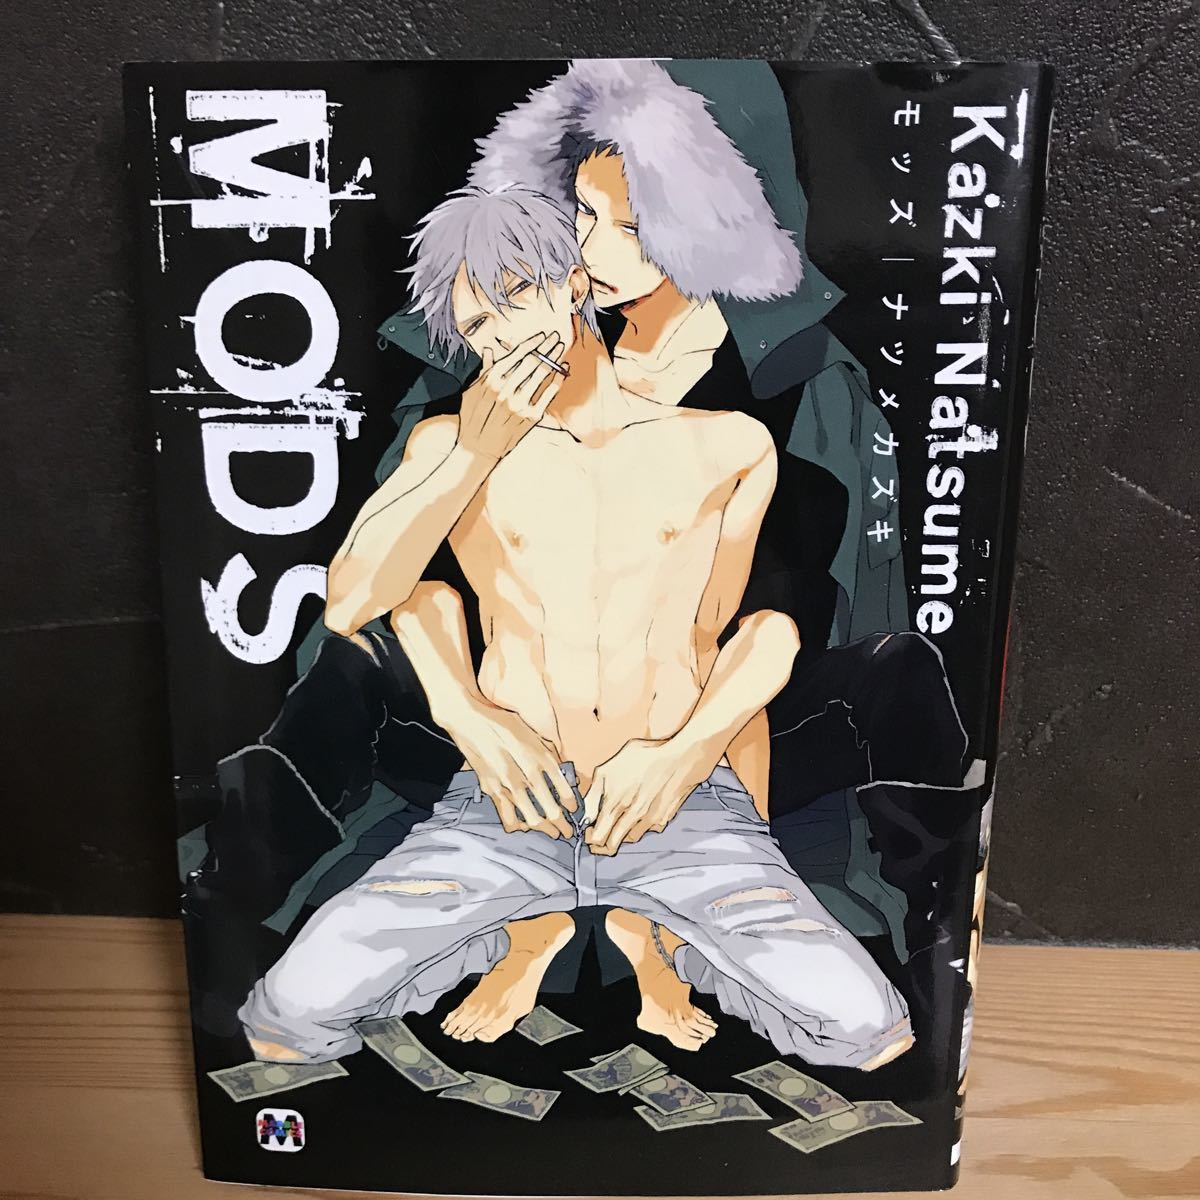 (2冊カウント) MODS モッズ ナツメカズキ 11刷 BLコミック ボーイズラブ 同梱可能